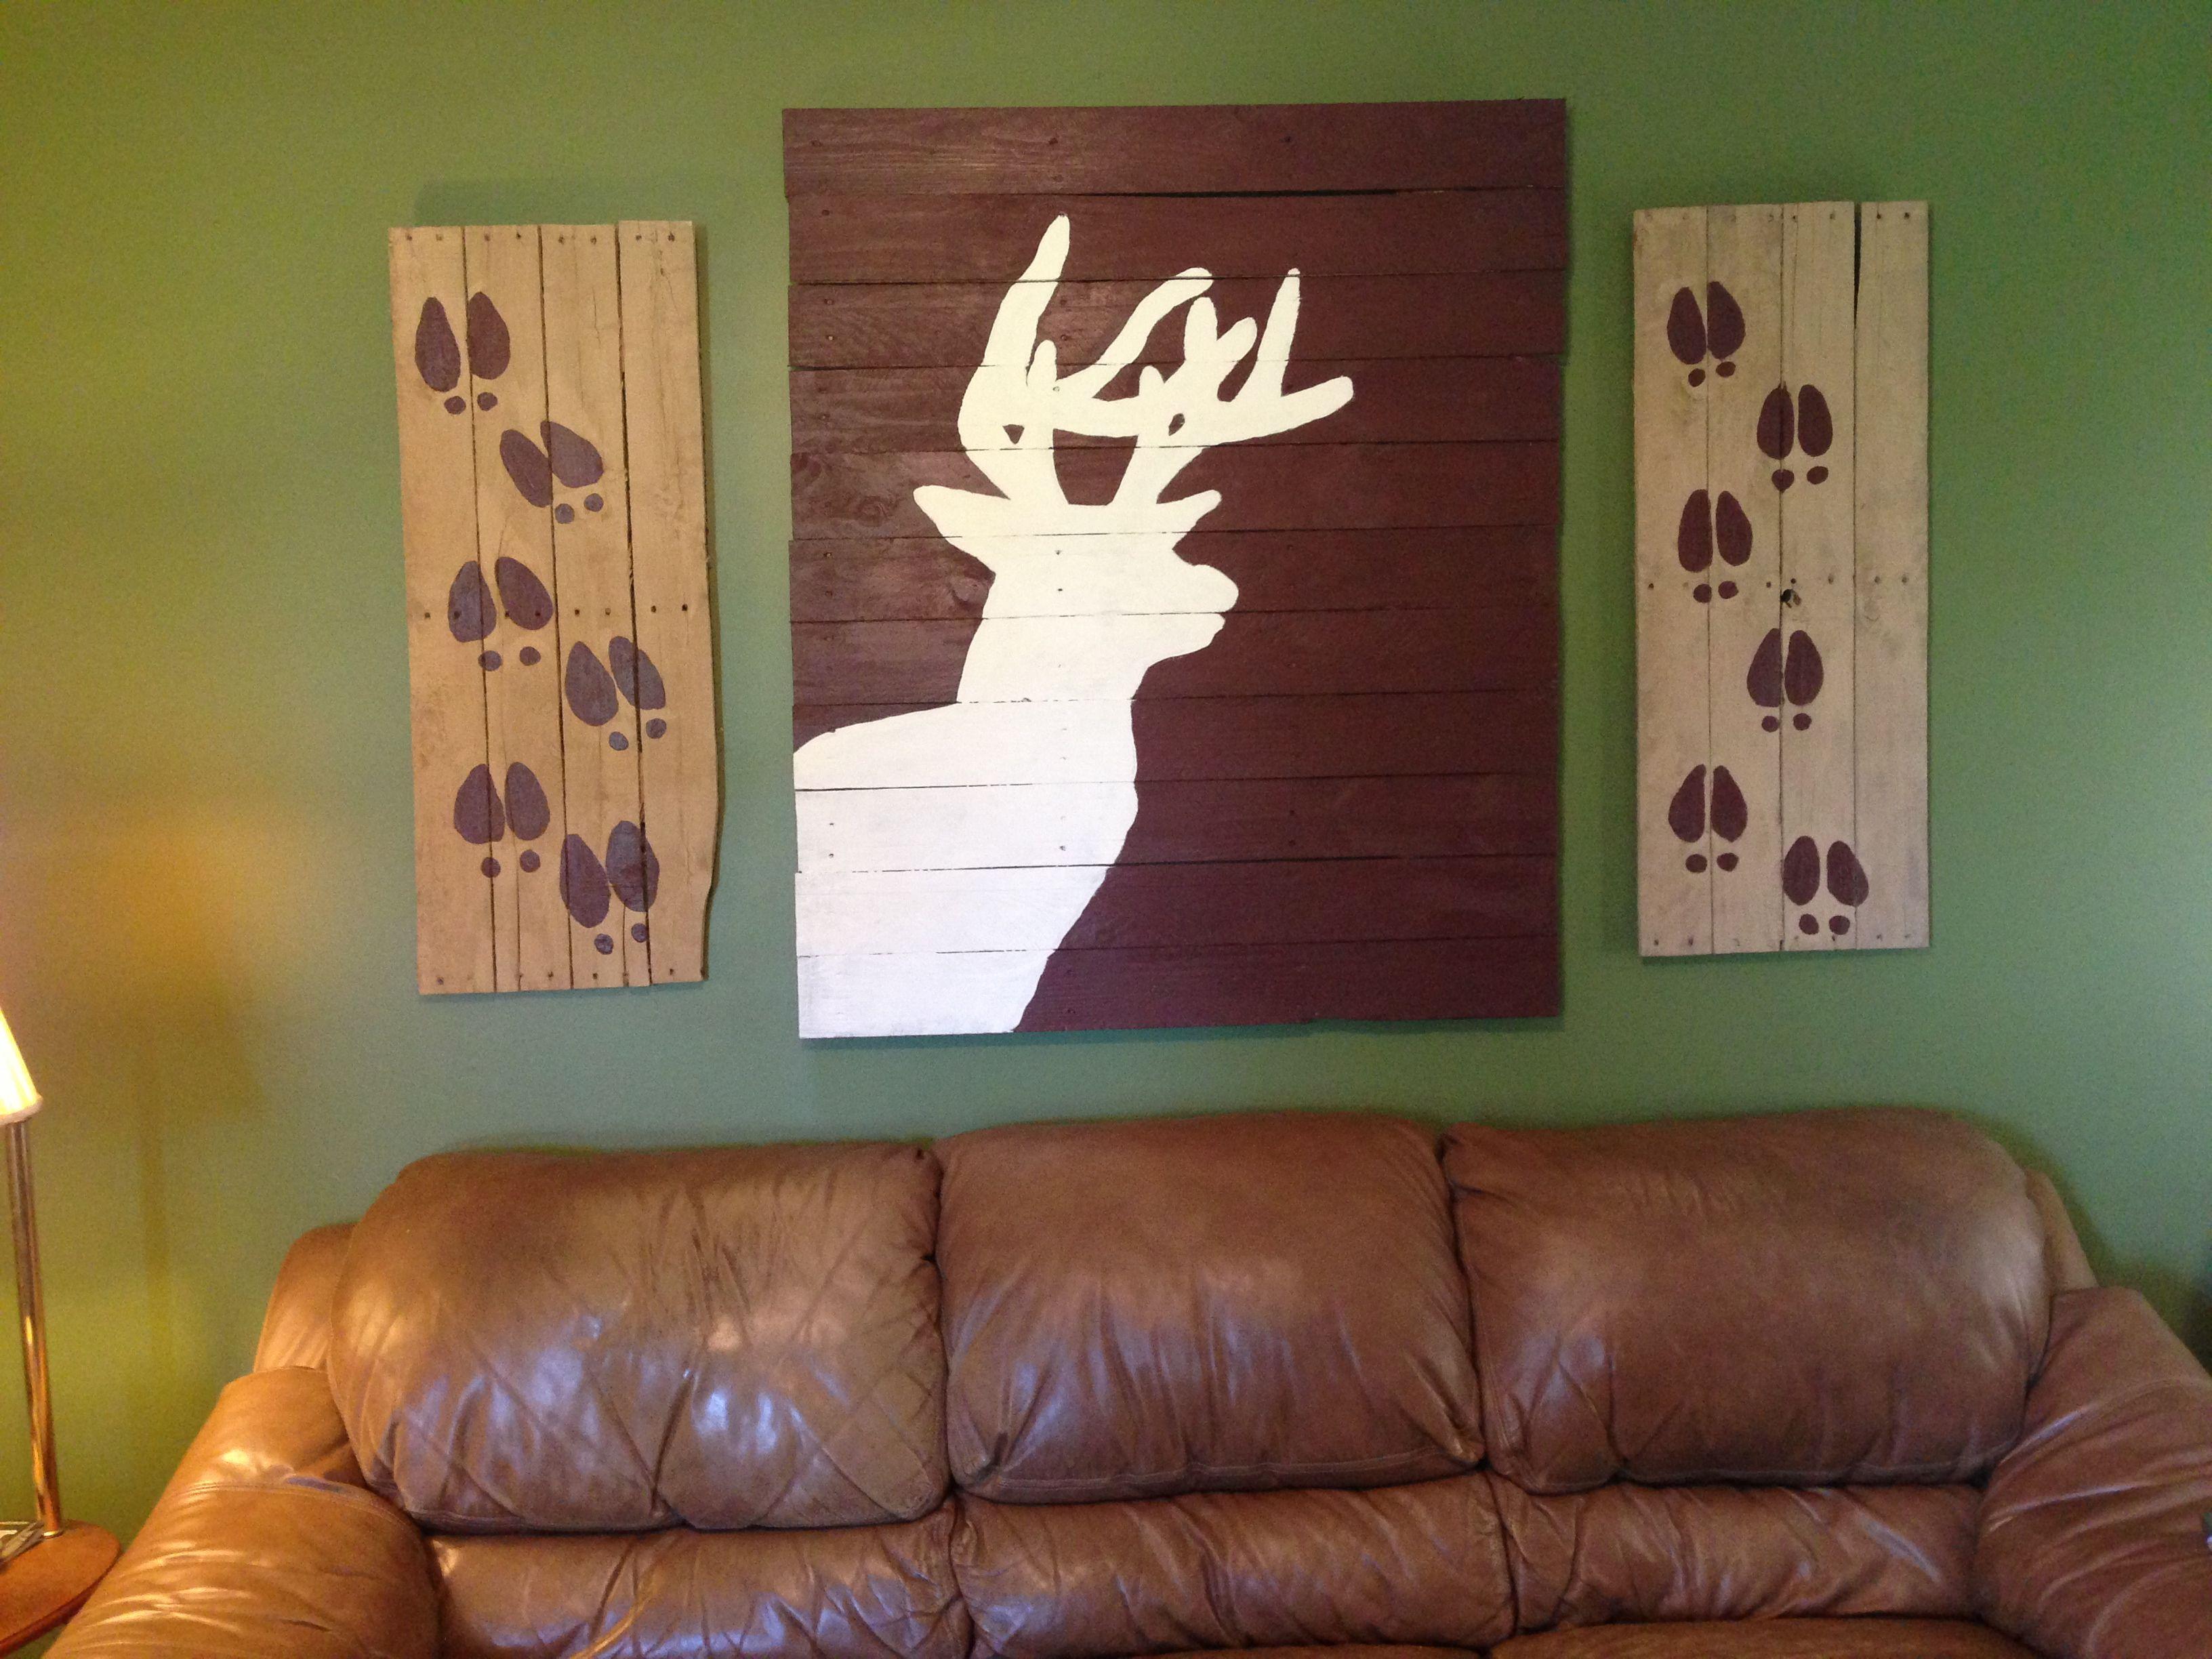 Pallet Wall Decor. Deer & Tracks Lol Antlers